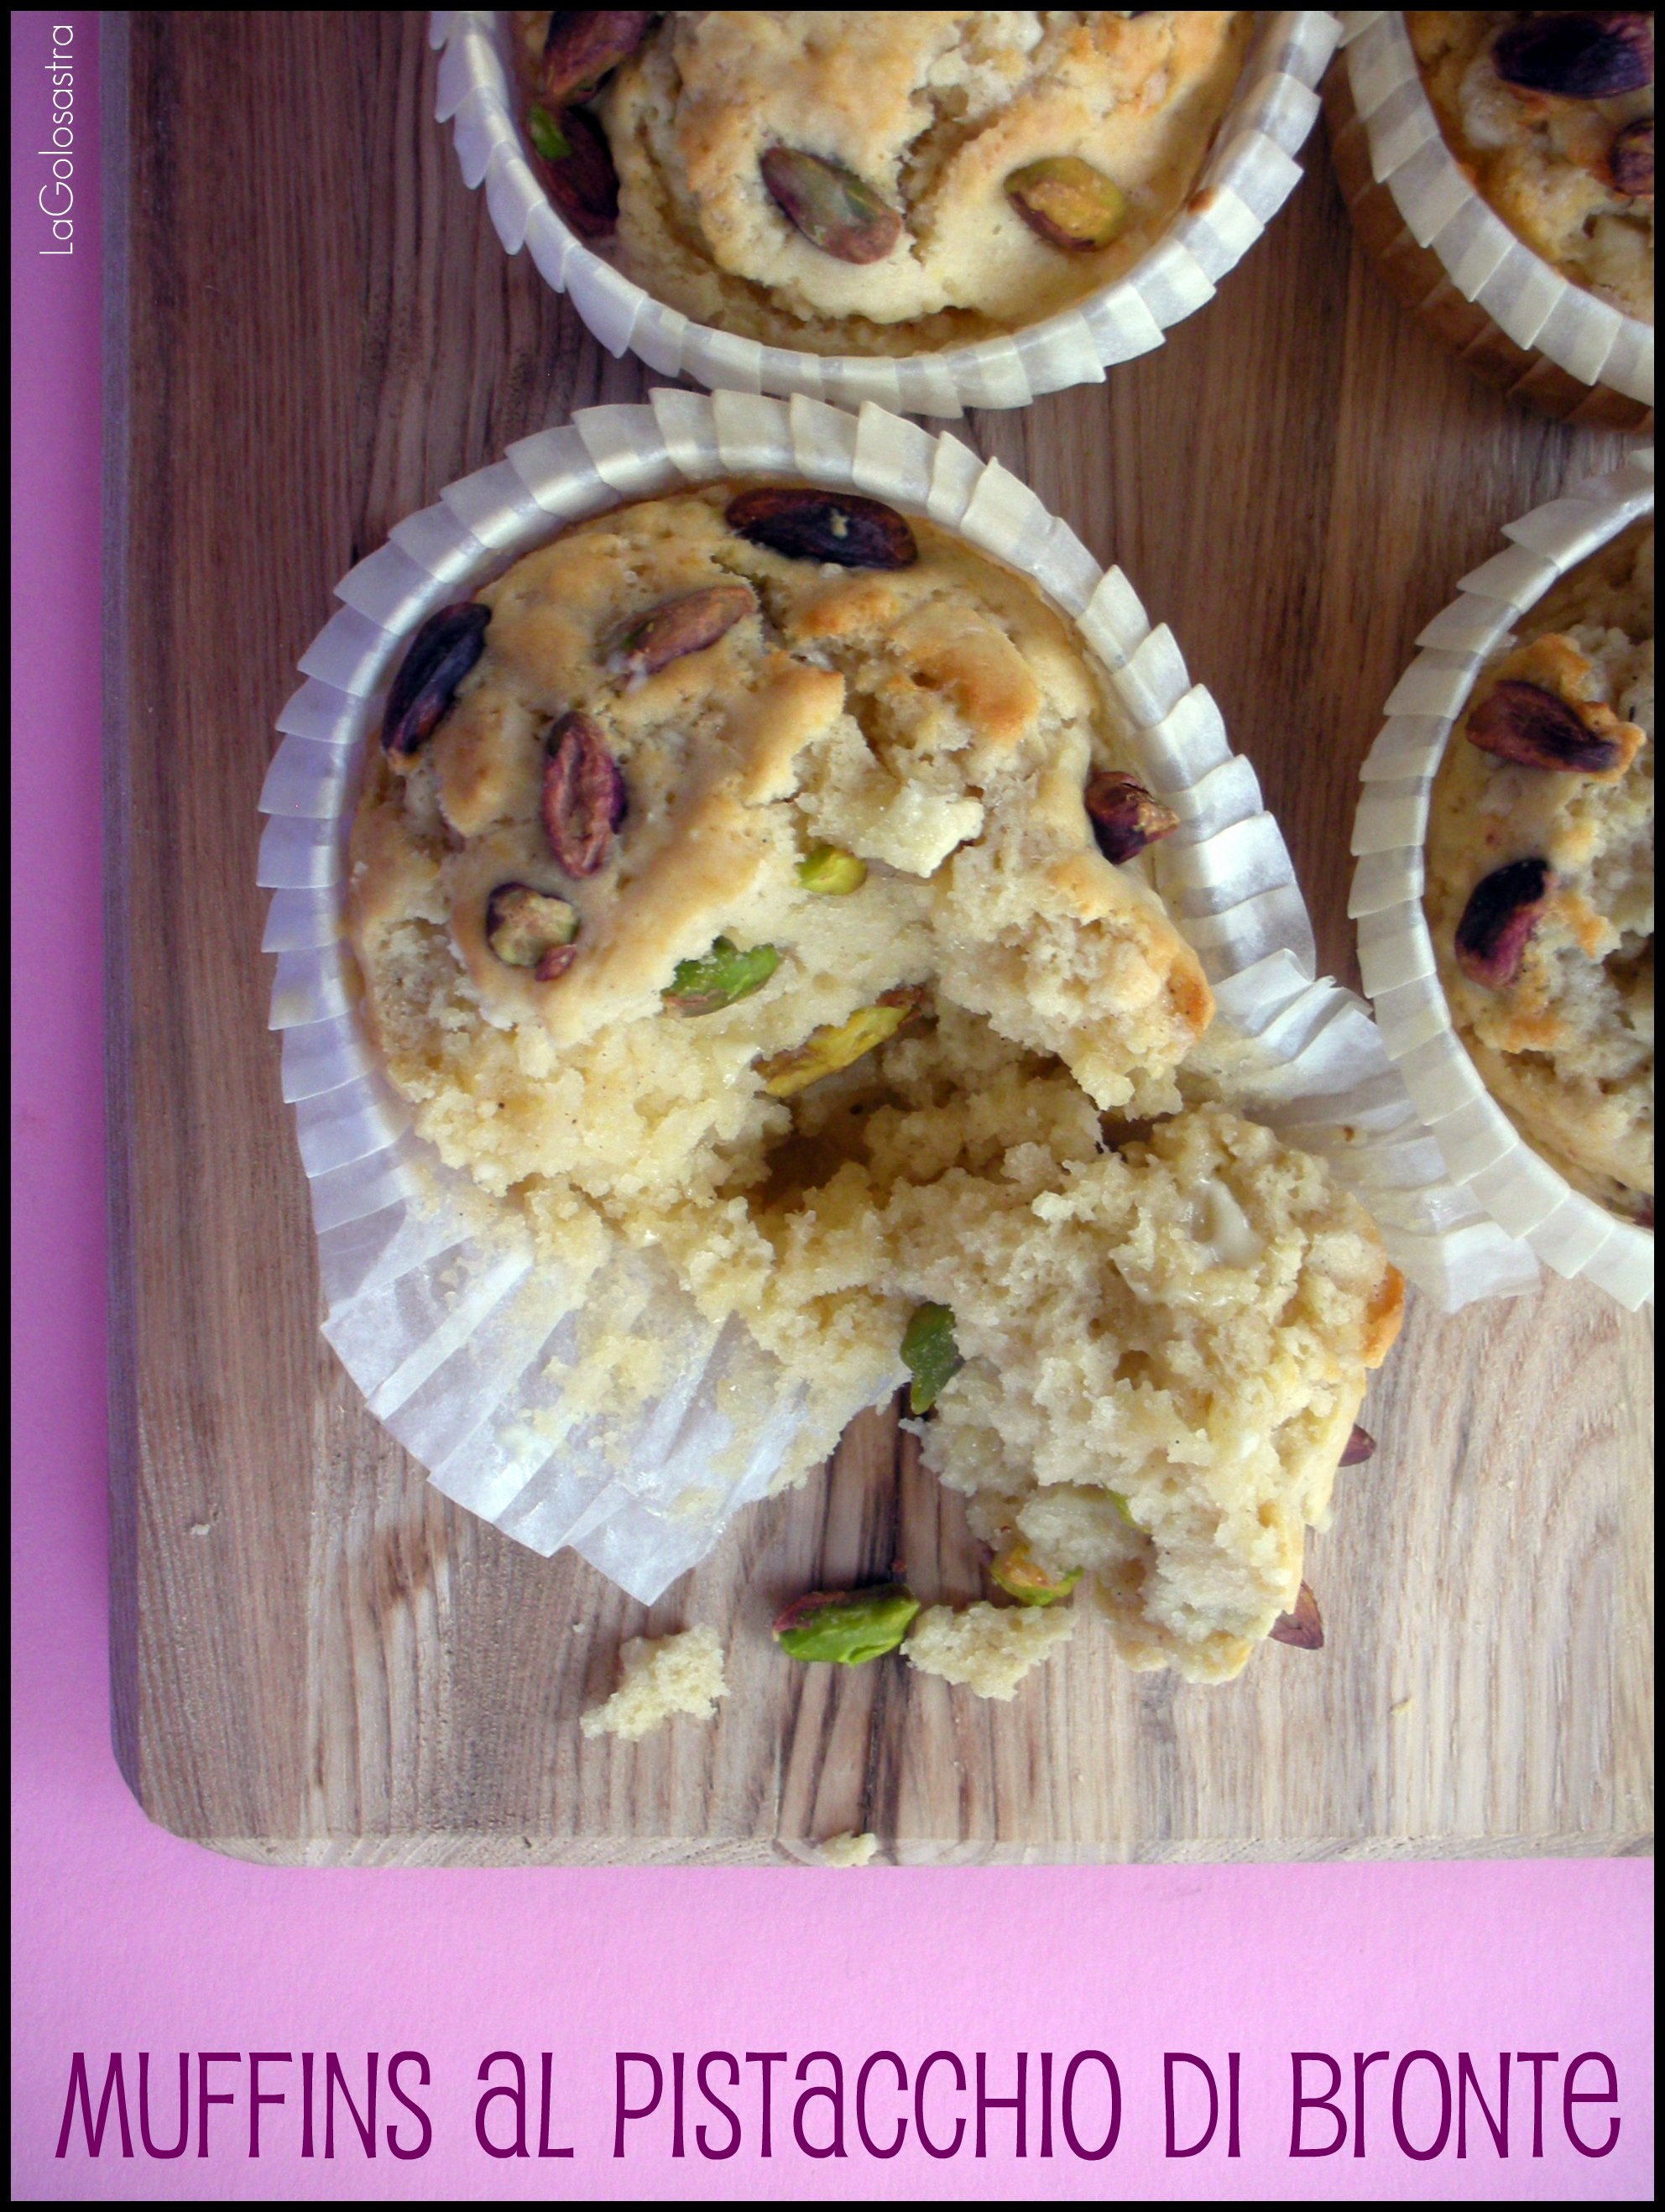 Muffins al Pistacchio di Bronte